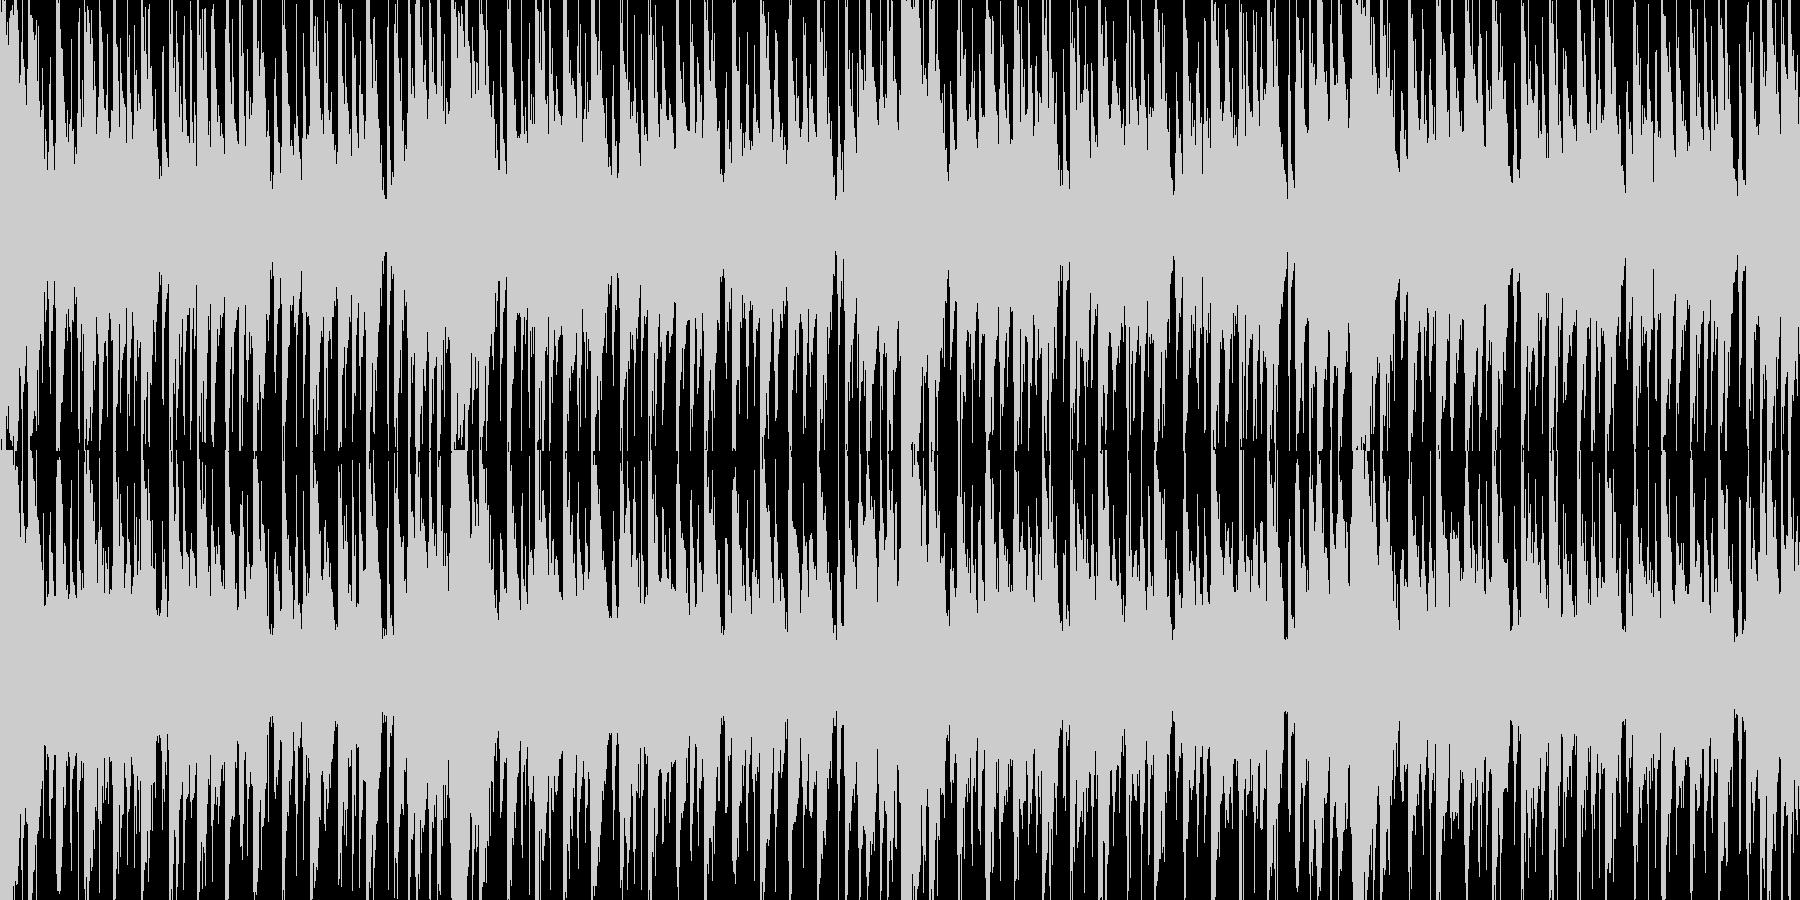 カッティングギター系短ループ曲の未再生の波形